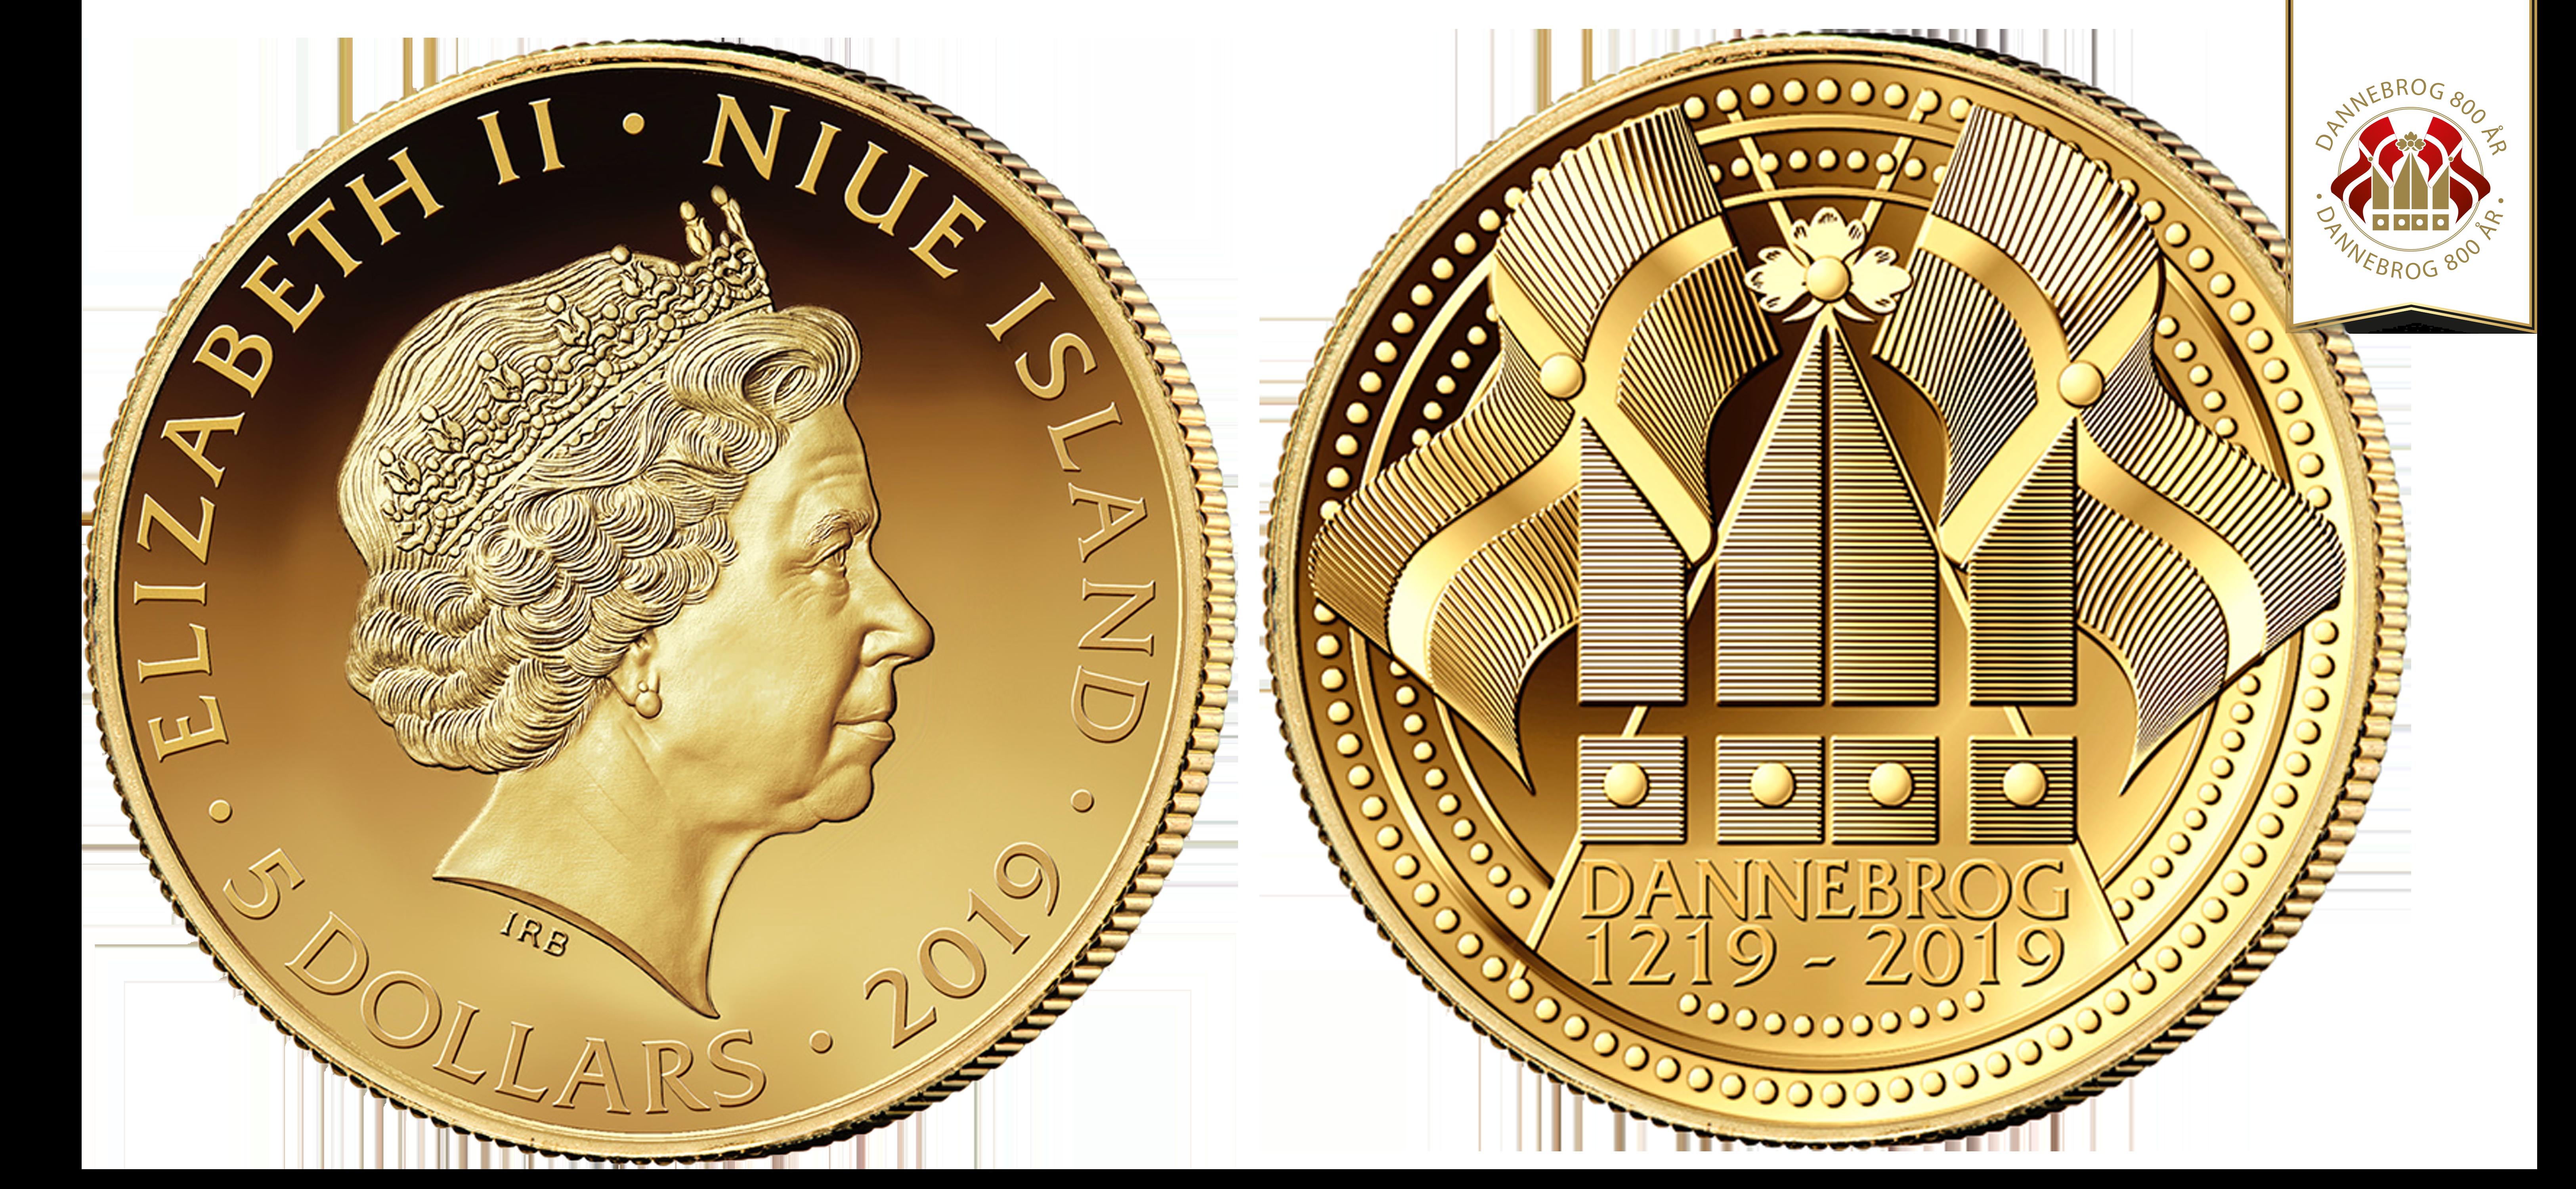 """Speciel Jubilæumsmønt """"Dannebrog 800 år"""" guldmønt i 99,9% guld. Guldmønt udgivet i forbindelse med 800-året for Dannebrog"""